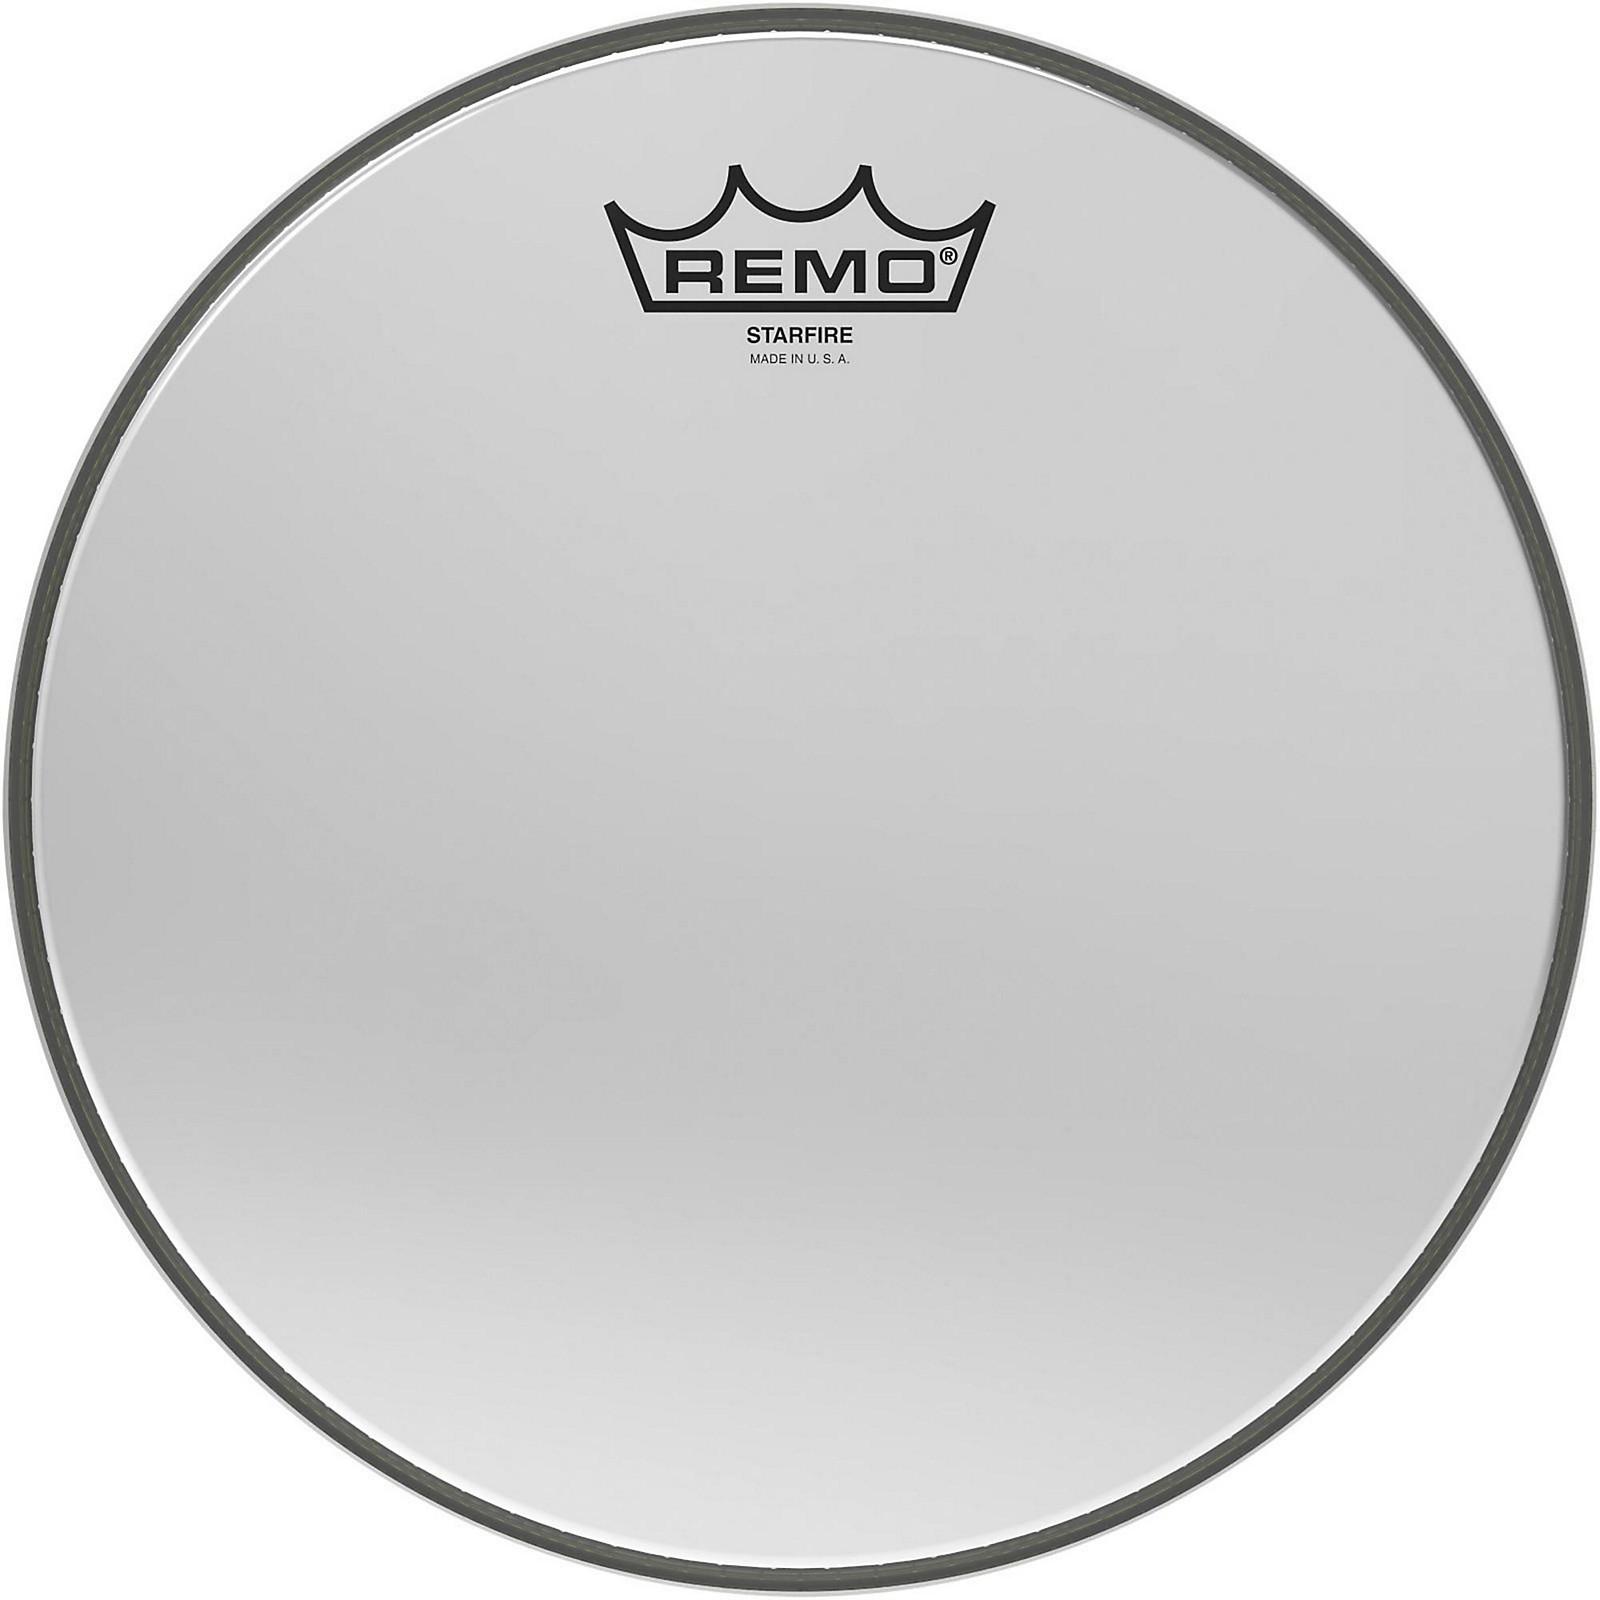 Remo Ambassador Starfire Chrome Tom Head